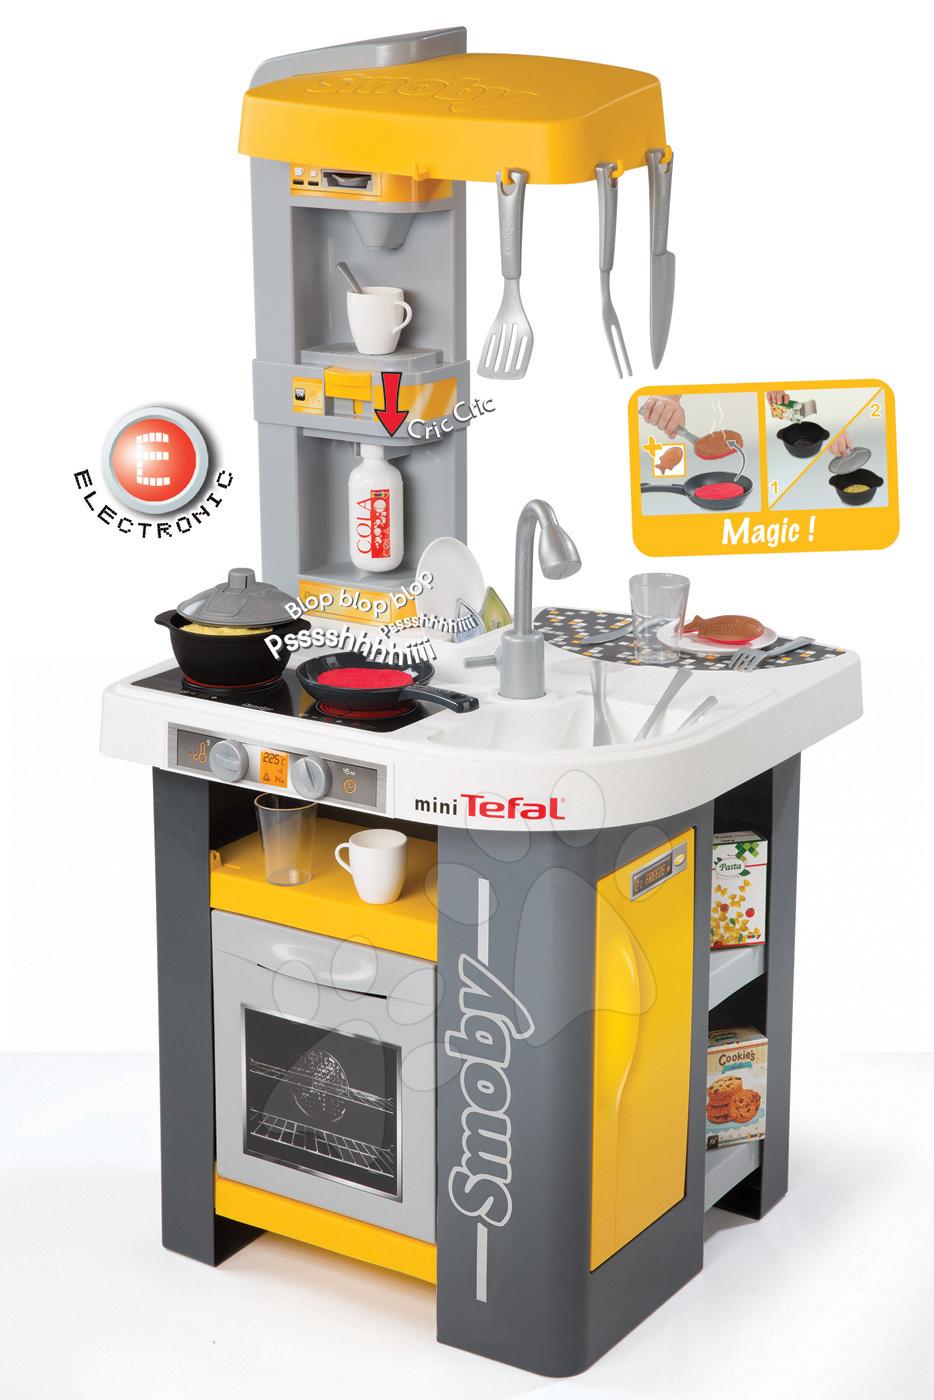 Kuchyňka Tefal Studio Smoby elektronická se zvuky, se sodou, opečenými potravinami a 27 doplňky žluto-šedá